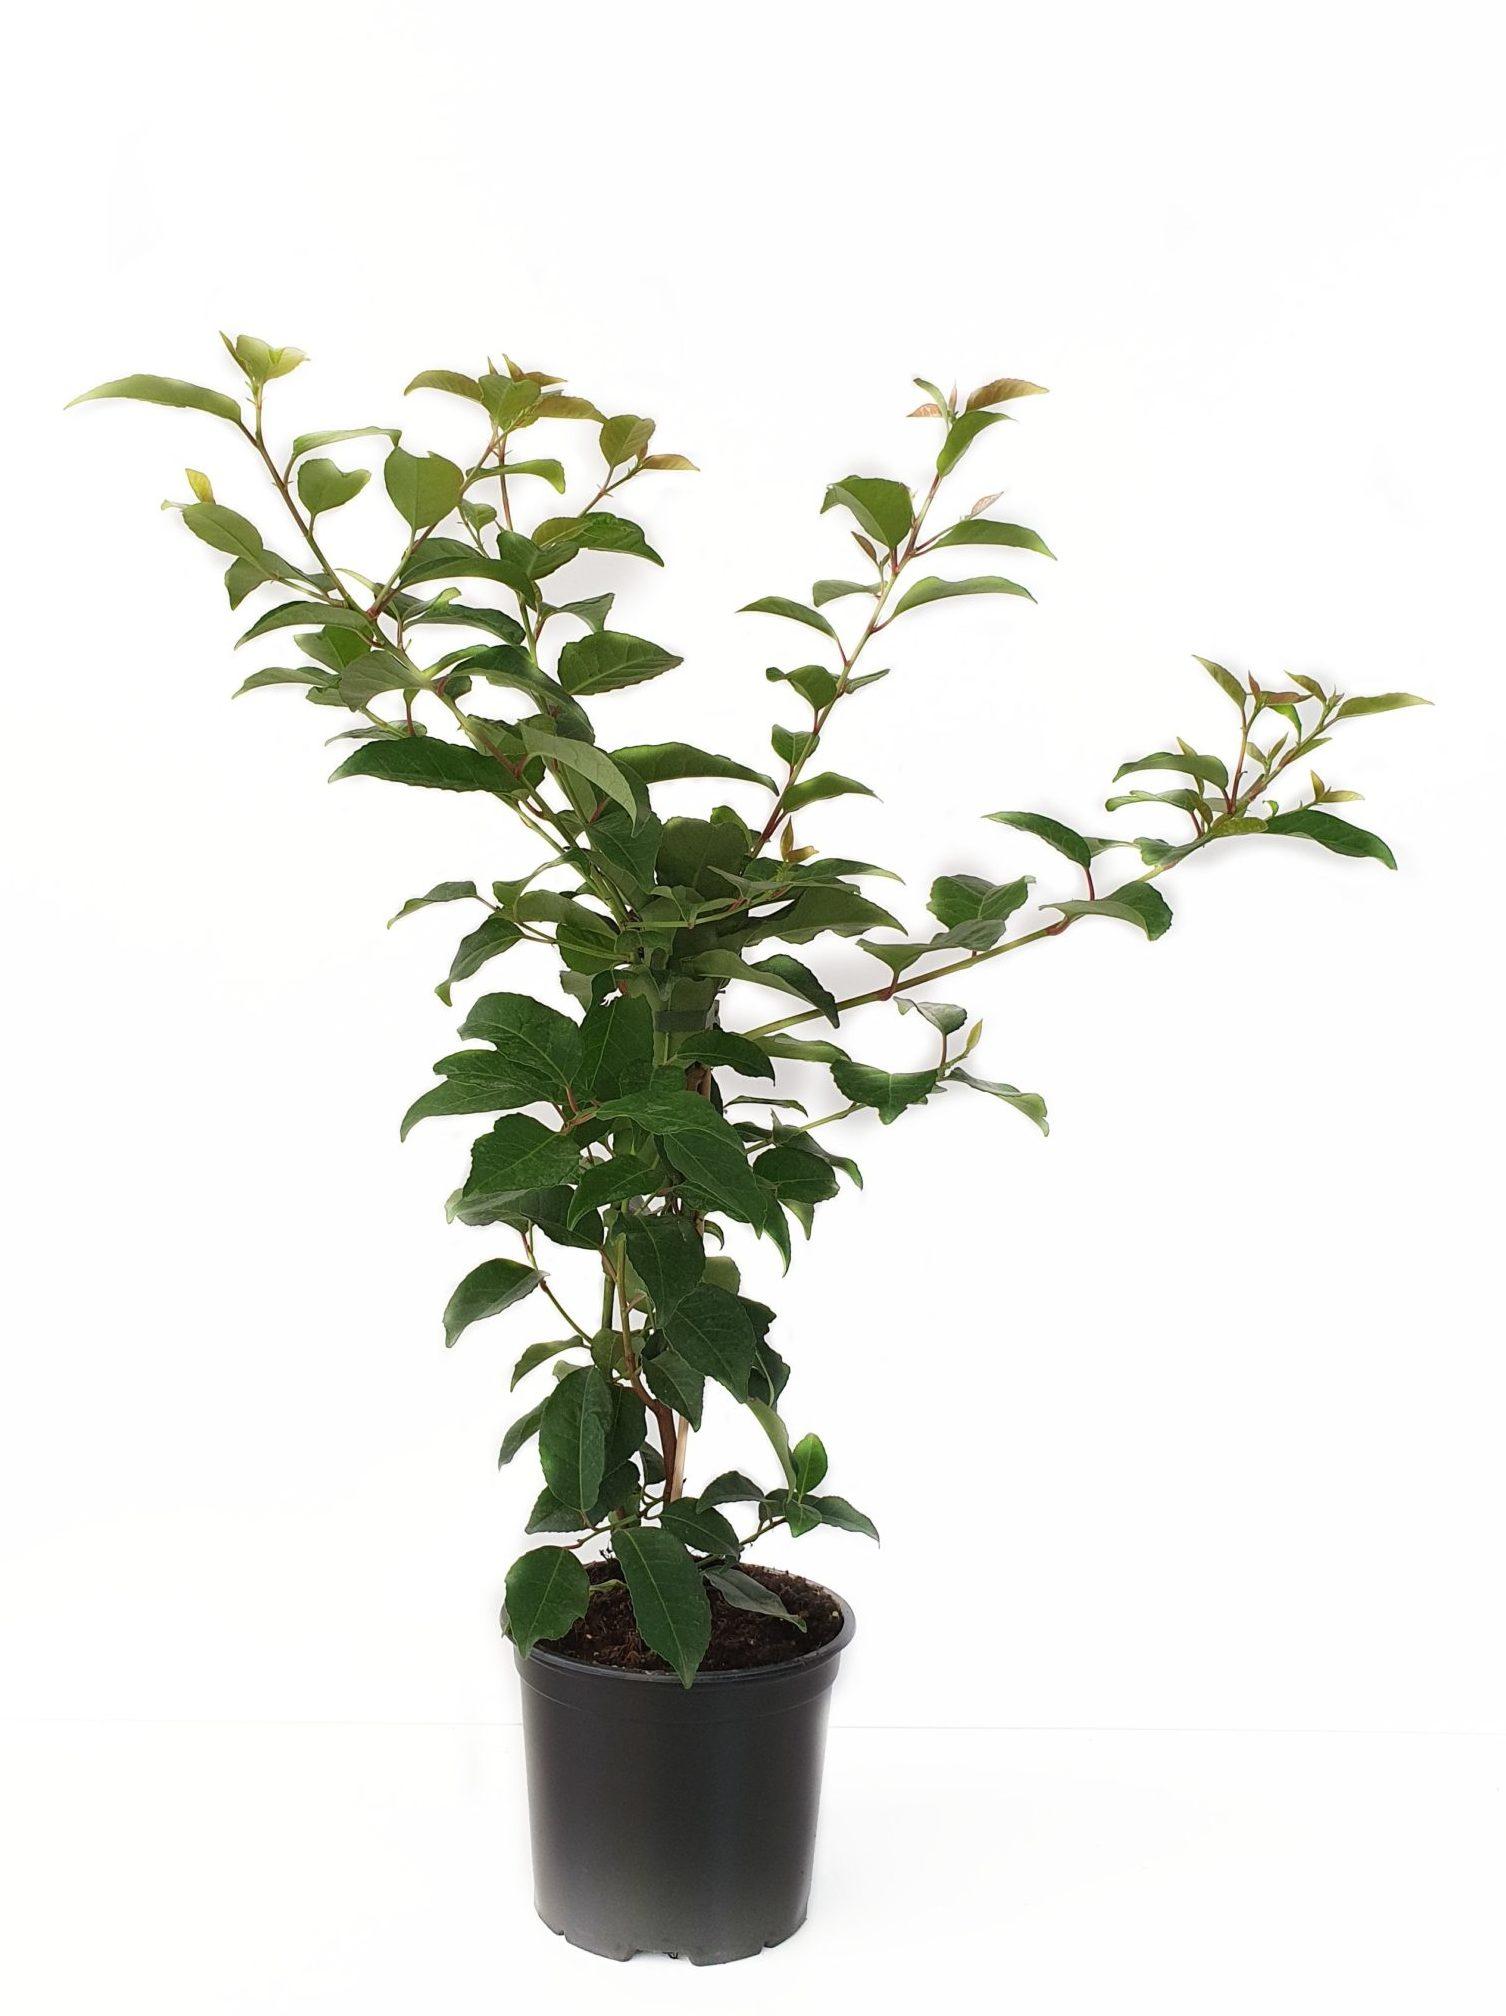 Prunus lusitanica 'Tico' pot 3 liter 50/60 cm